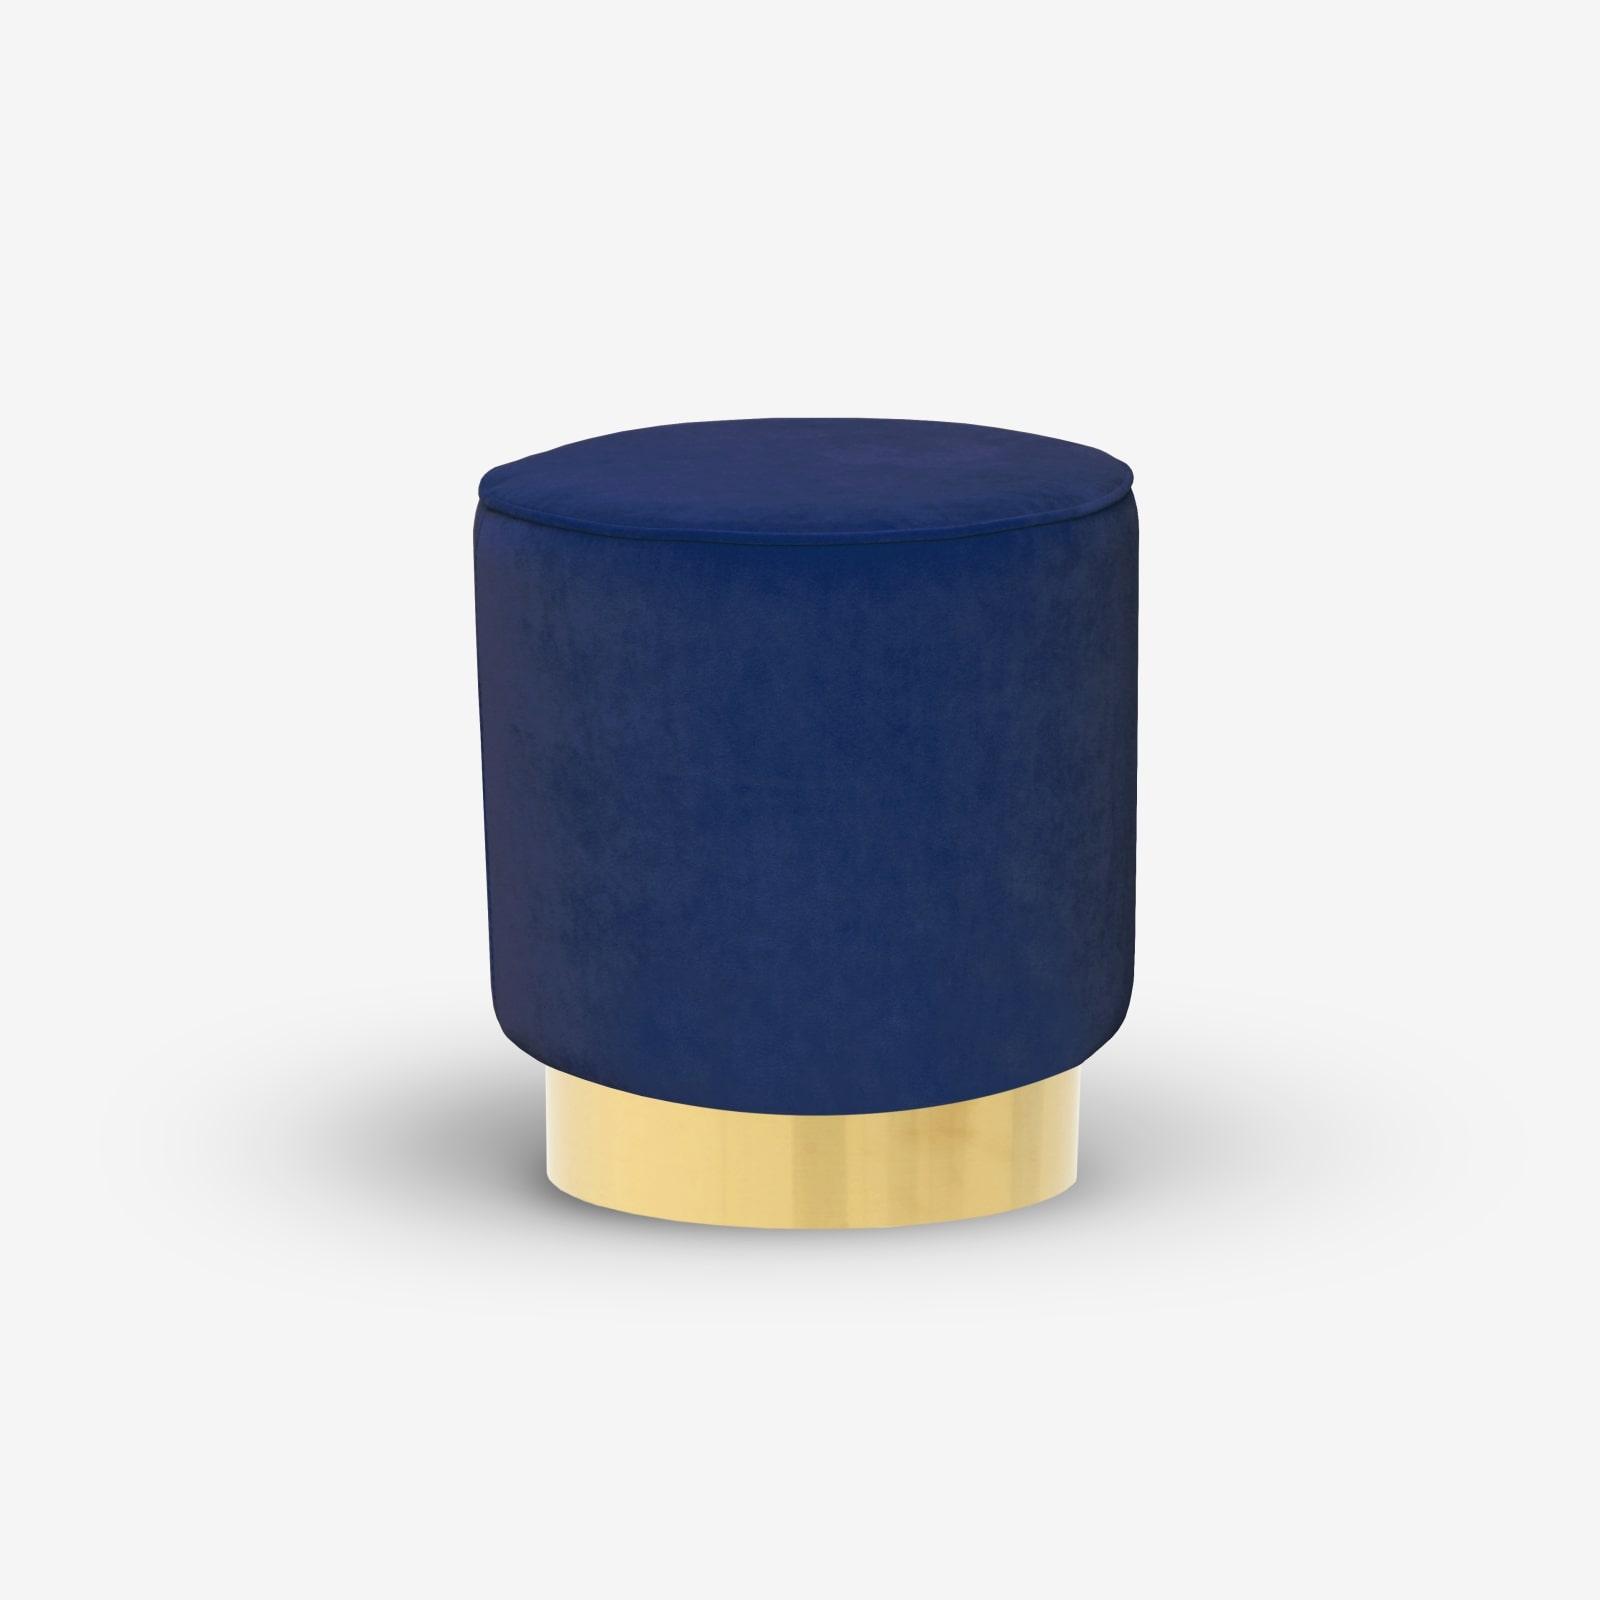 produzione-pouf-in-velluto-liscio-e-oro-pouf-in-metallo-oro-pouf-in-velluto-per-arredamento-contract-pouf-per-ristoranti-pouf-arredamento-bar-alberghi-negozi-uffici-OTTO-bol